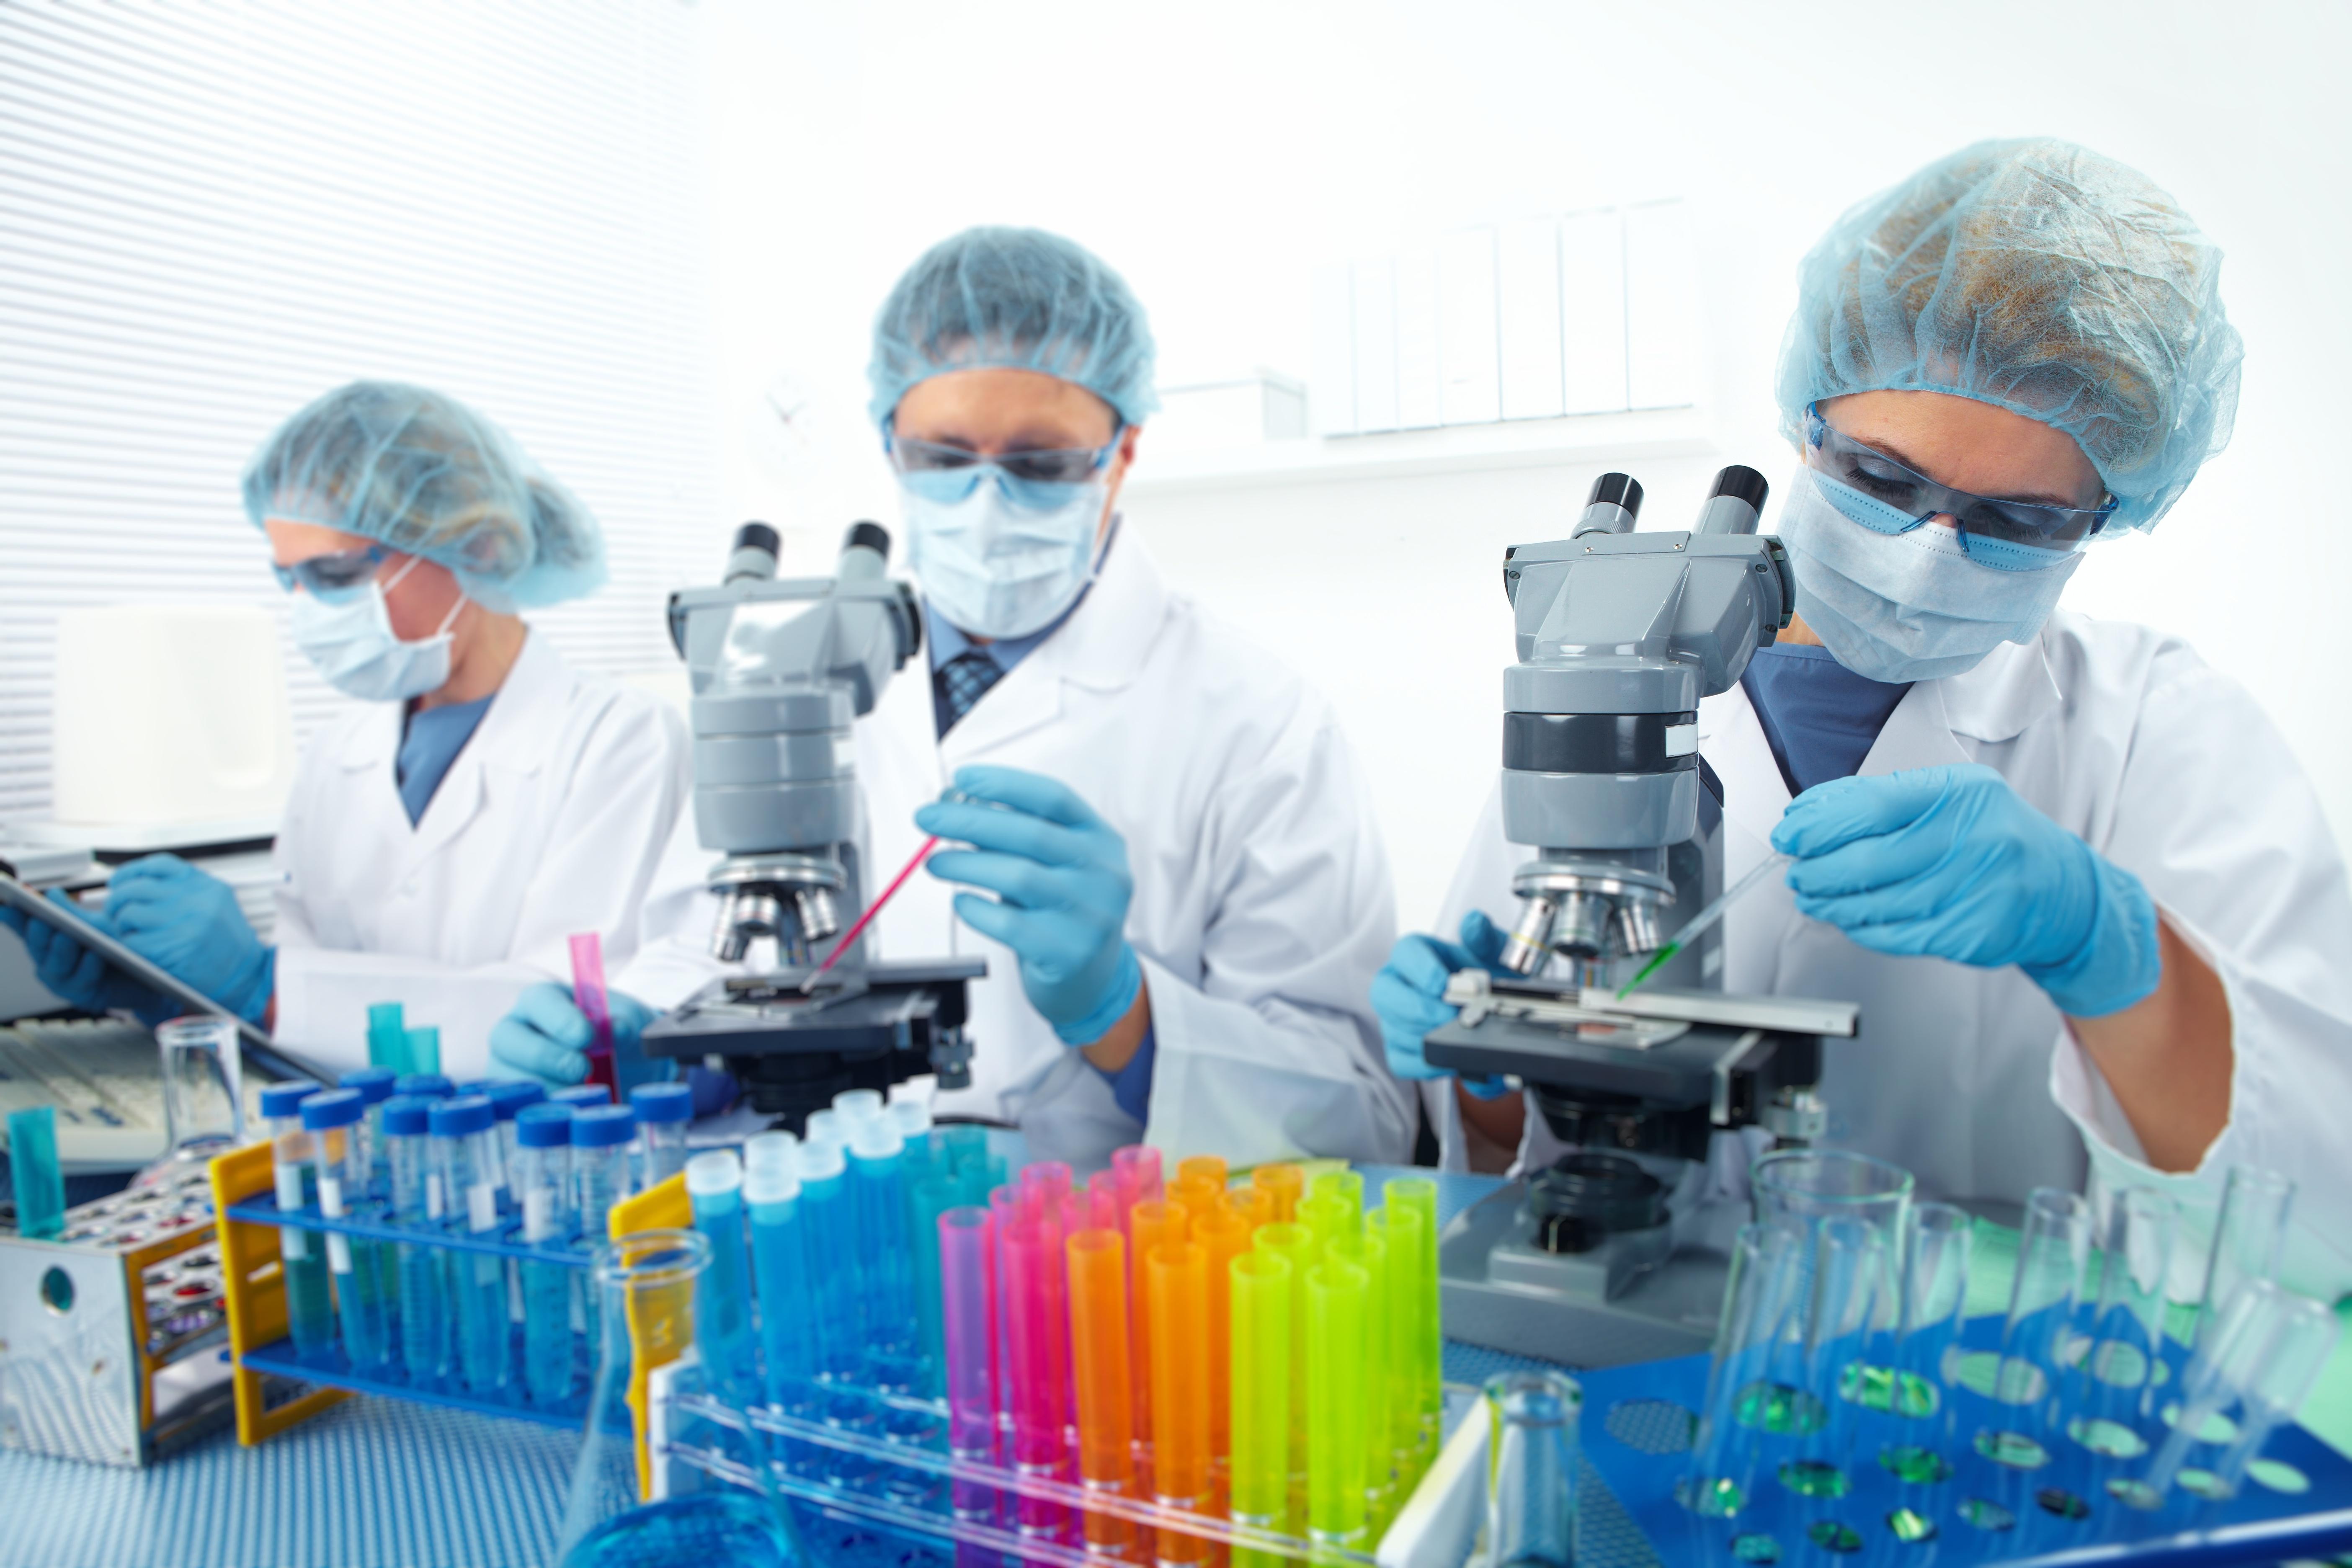 https://www.medipark.pl/wp-content/uploads/2016/08/immunolog.jpg